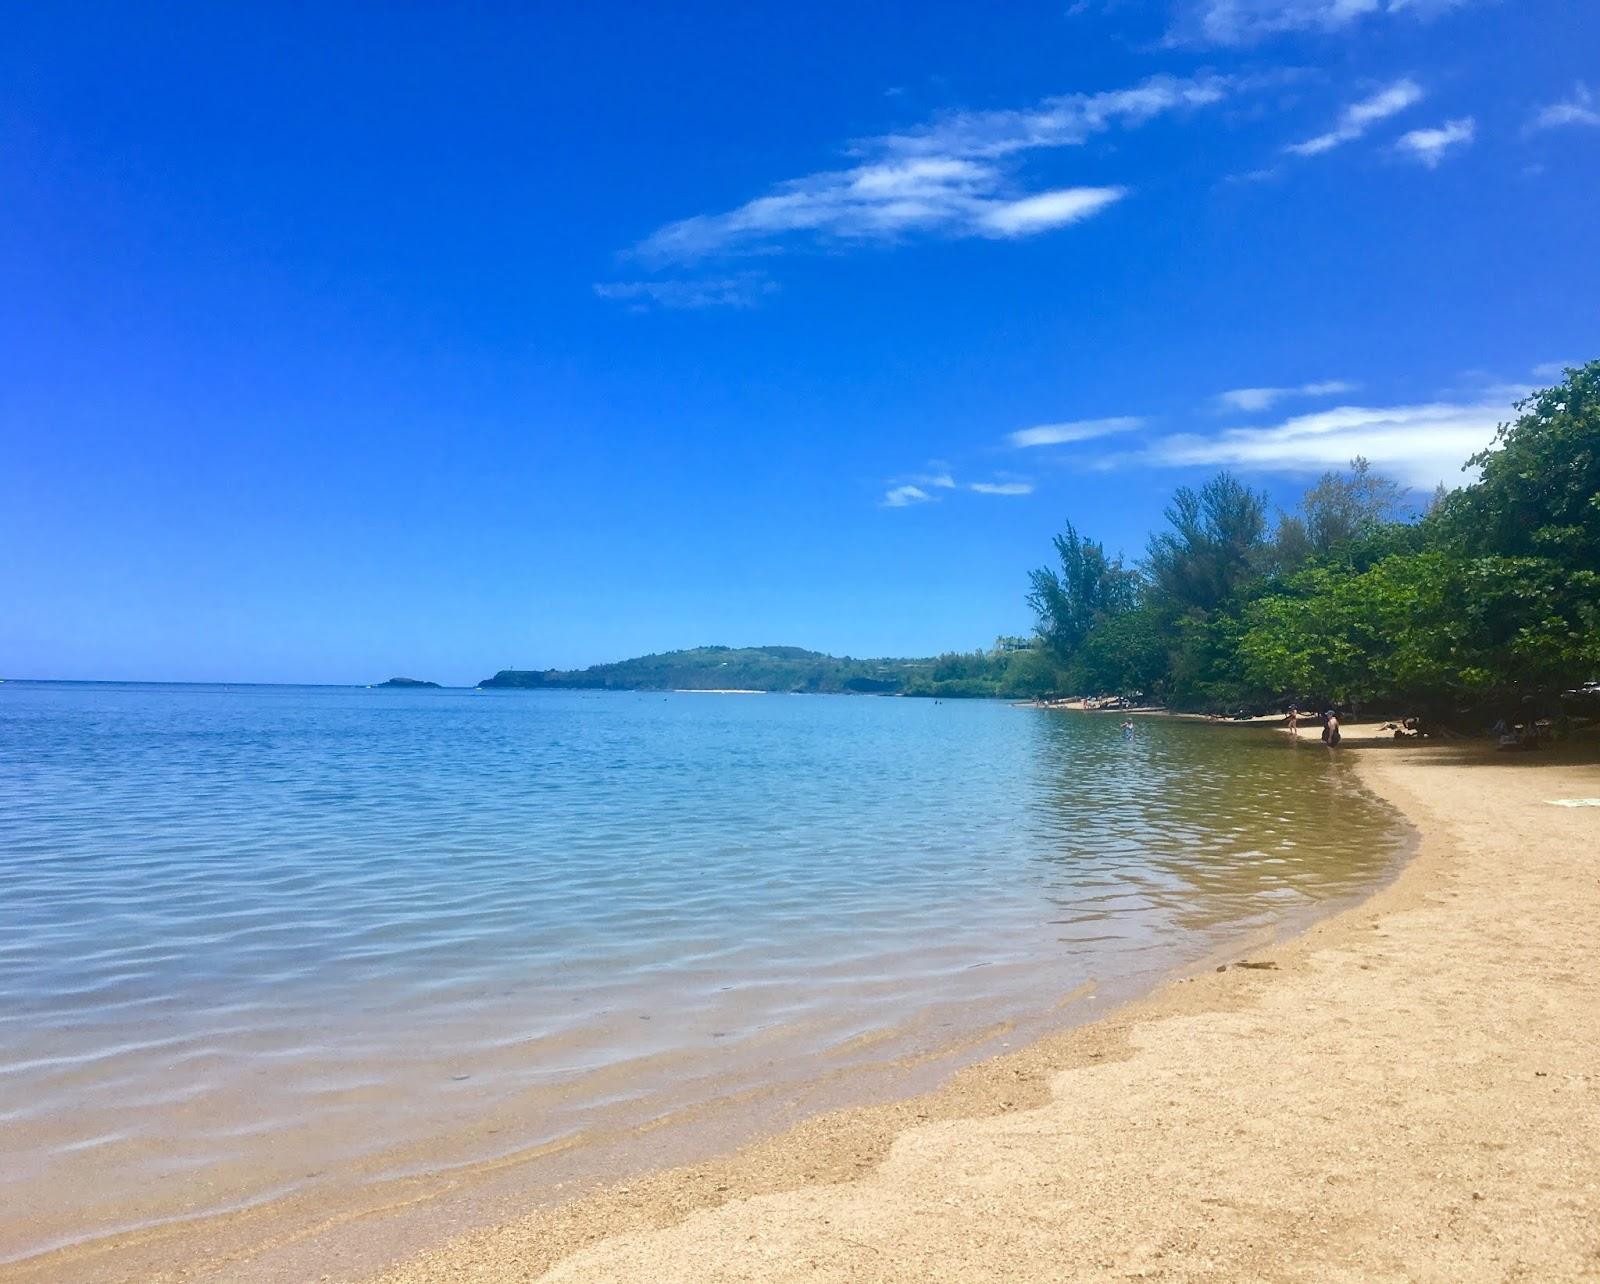 Anini Beach | What Beaches to See in Kauai | What to do in Kauai | Kauai Itinerary | A Memory off Us Blog